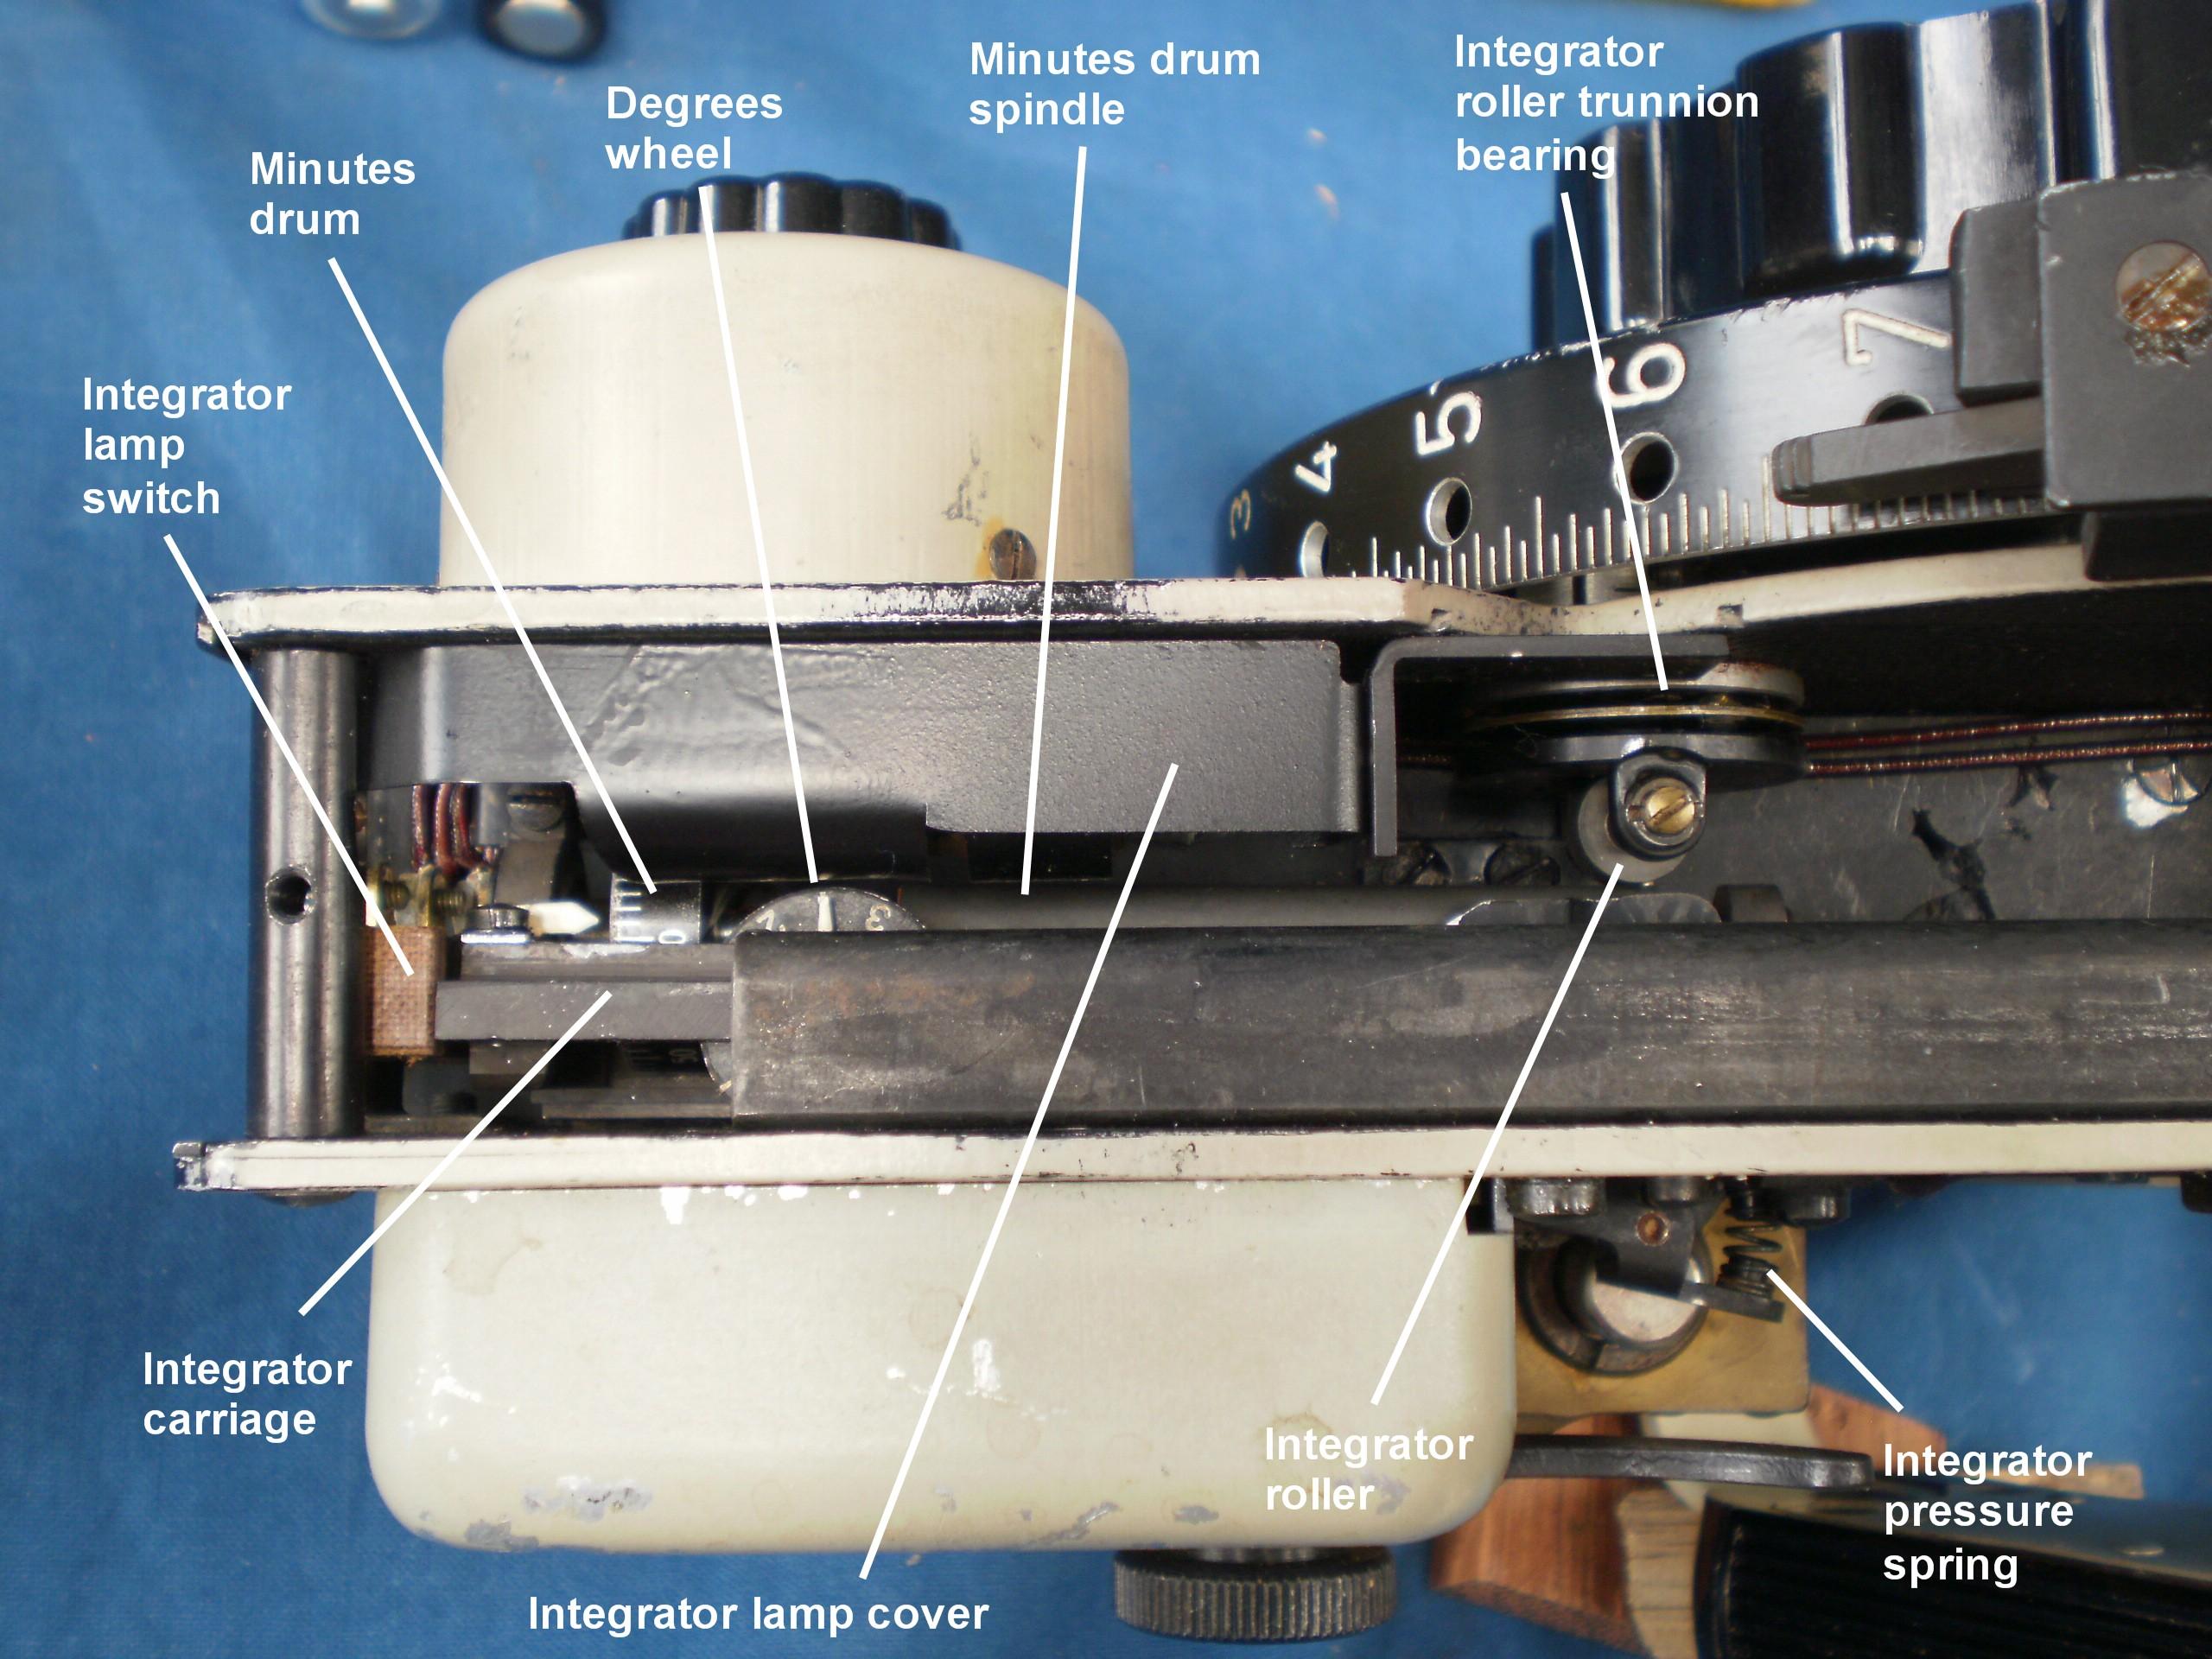 Figure 10: Integrator mechanism.